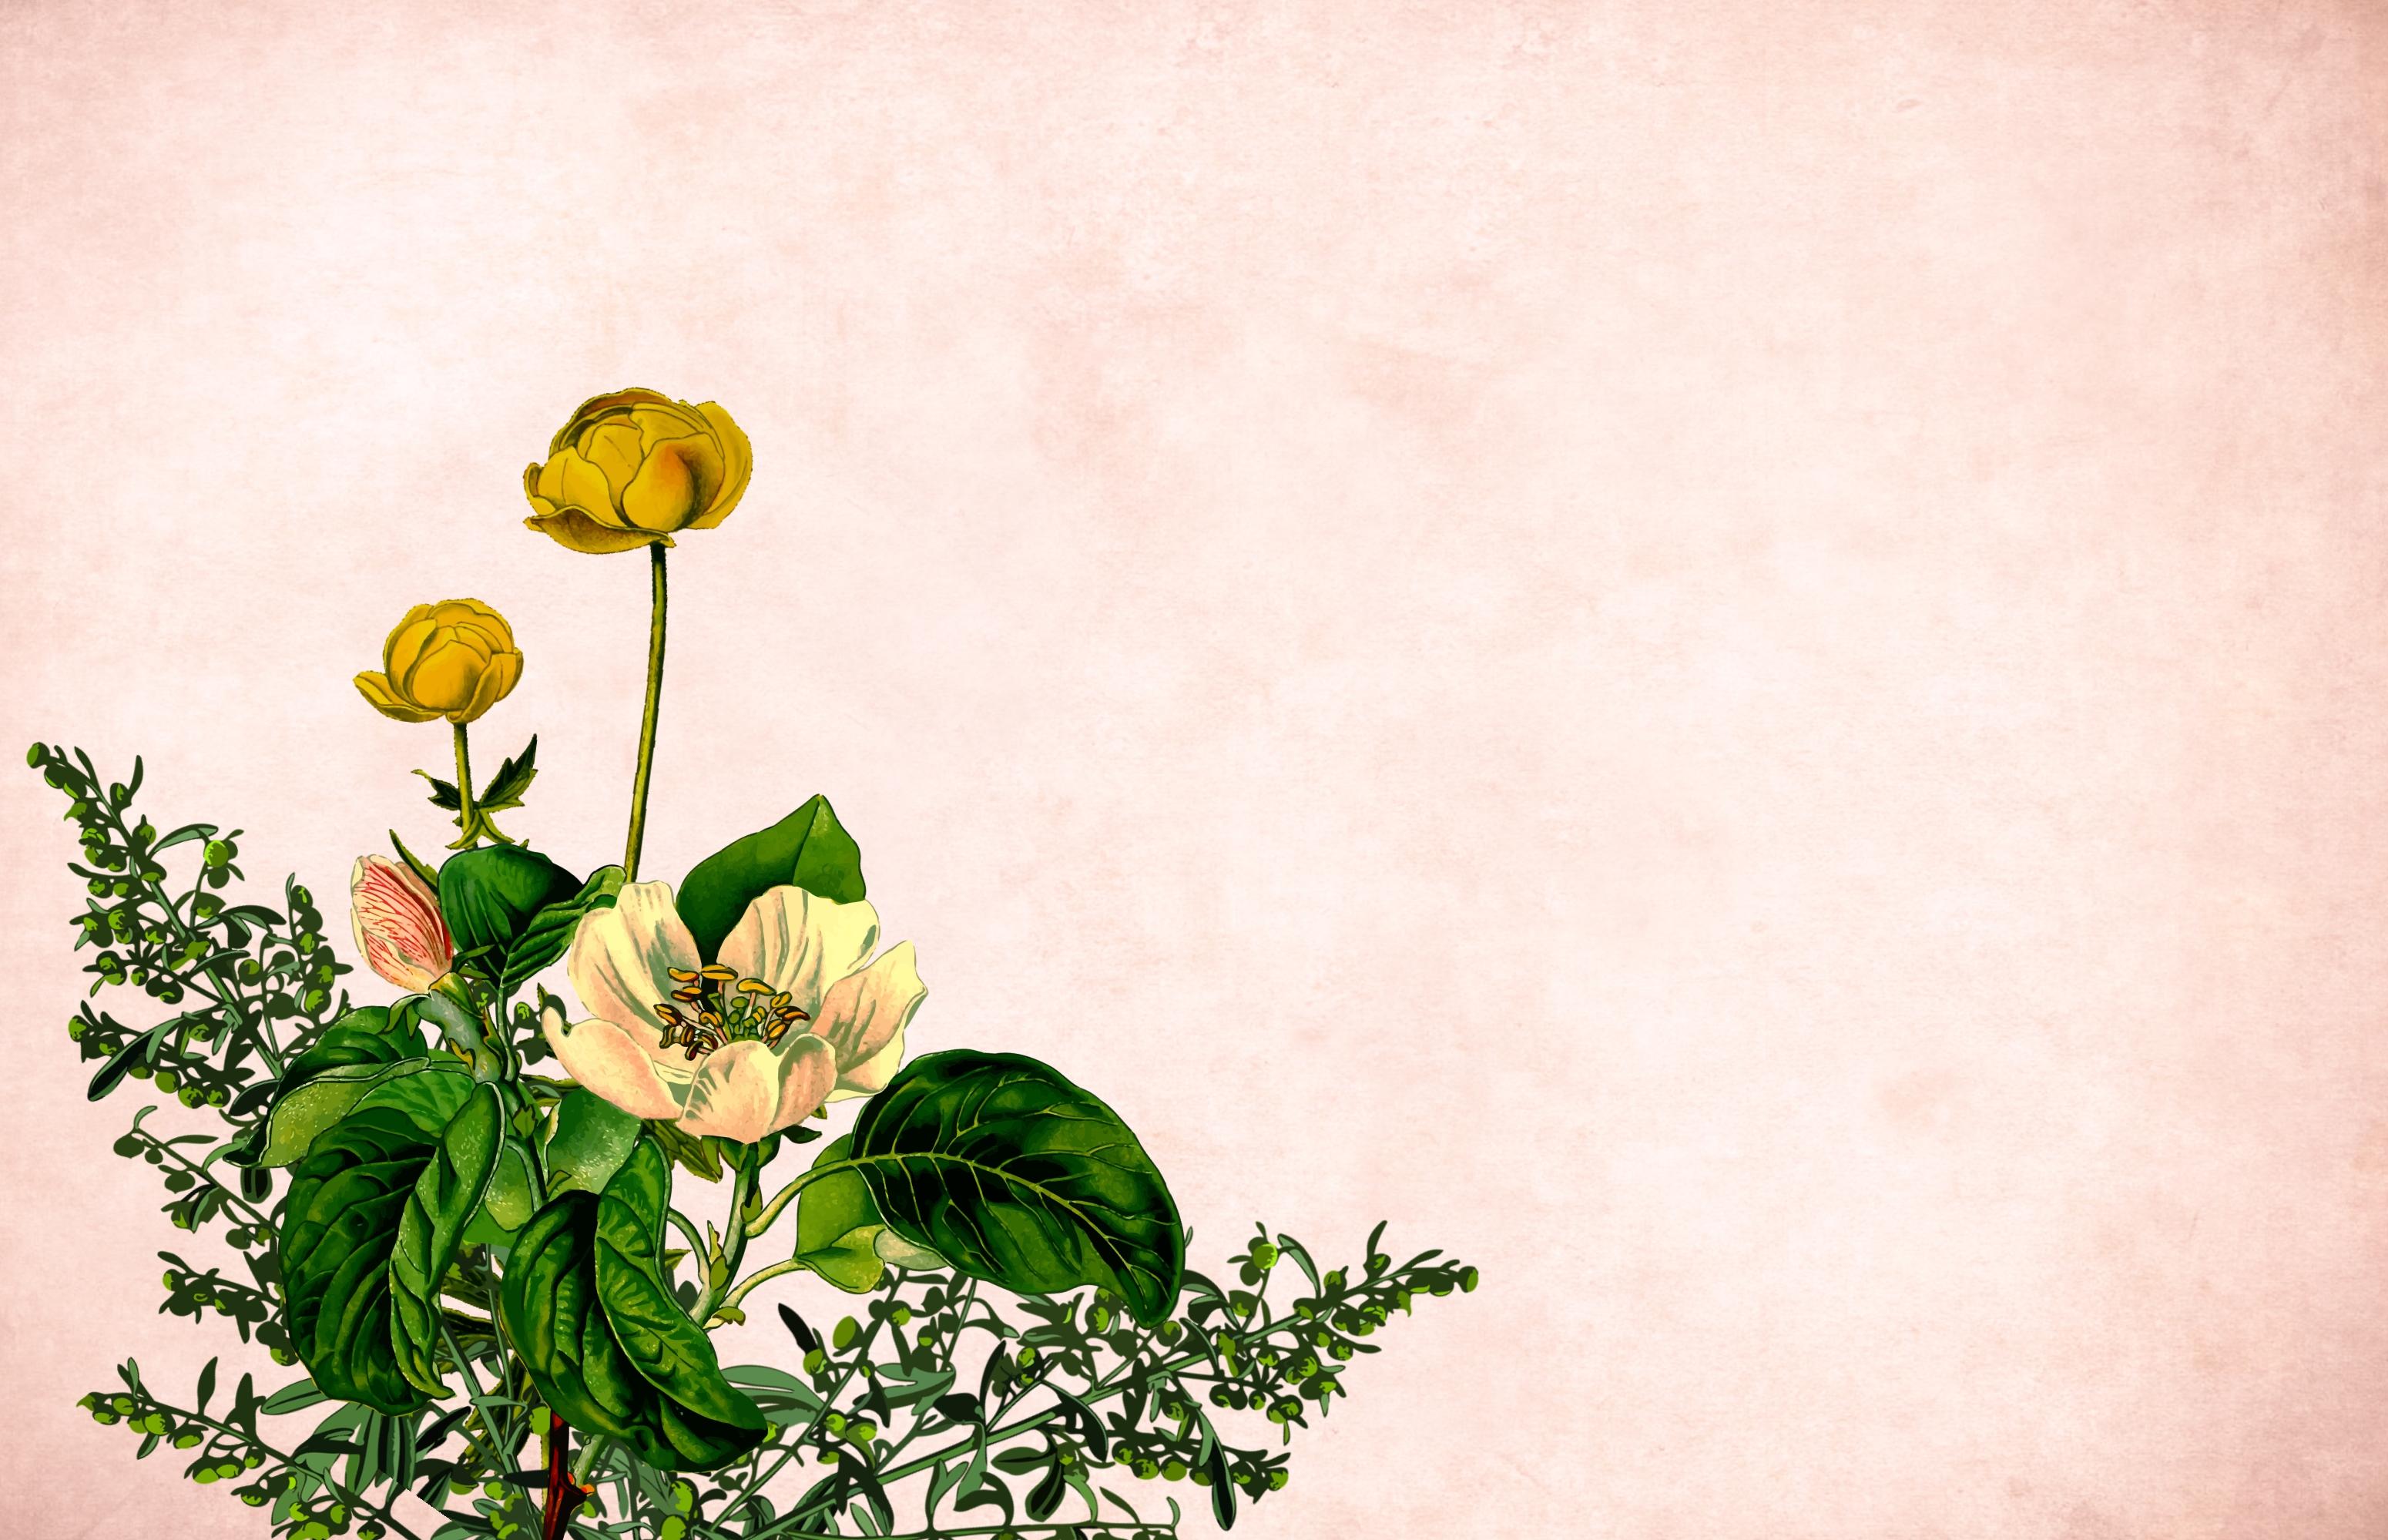 free images   flower  background  border  garden frame  vintage  card  art  wedding  hand made